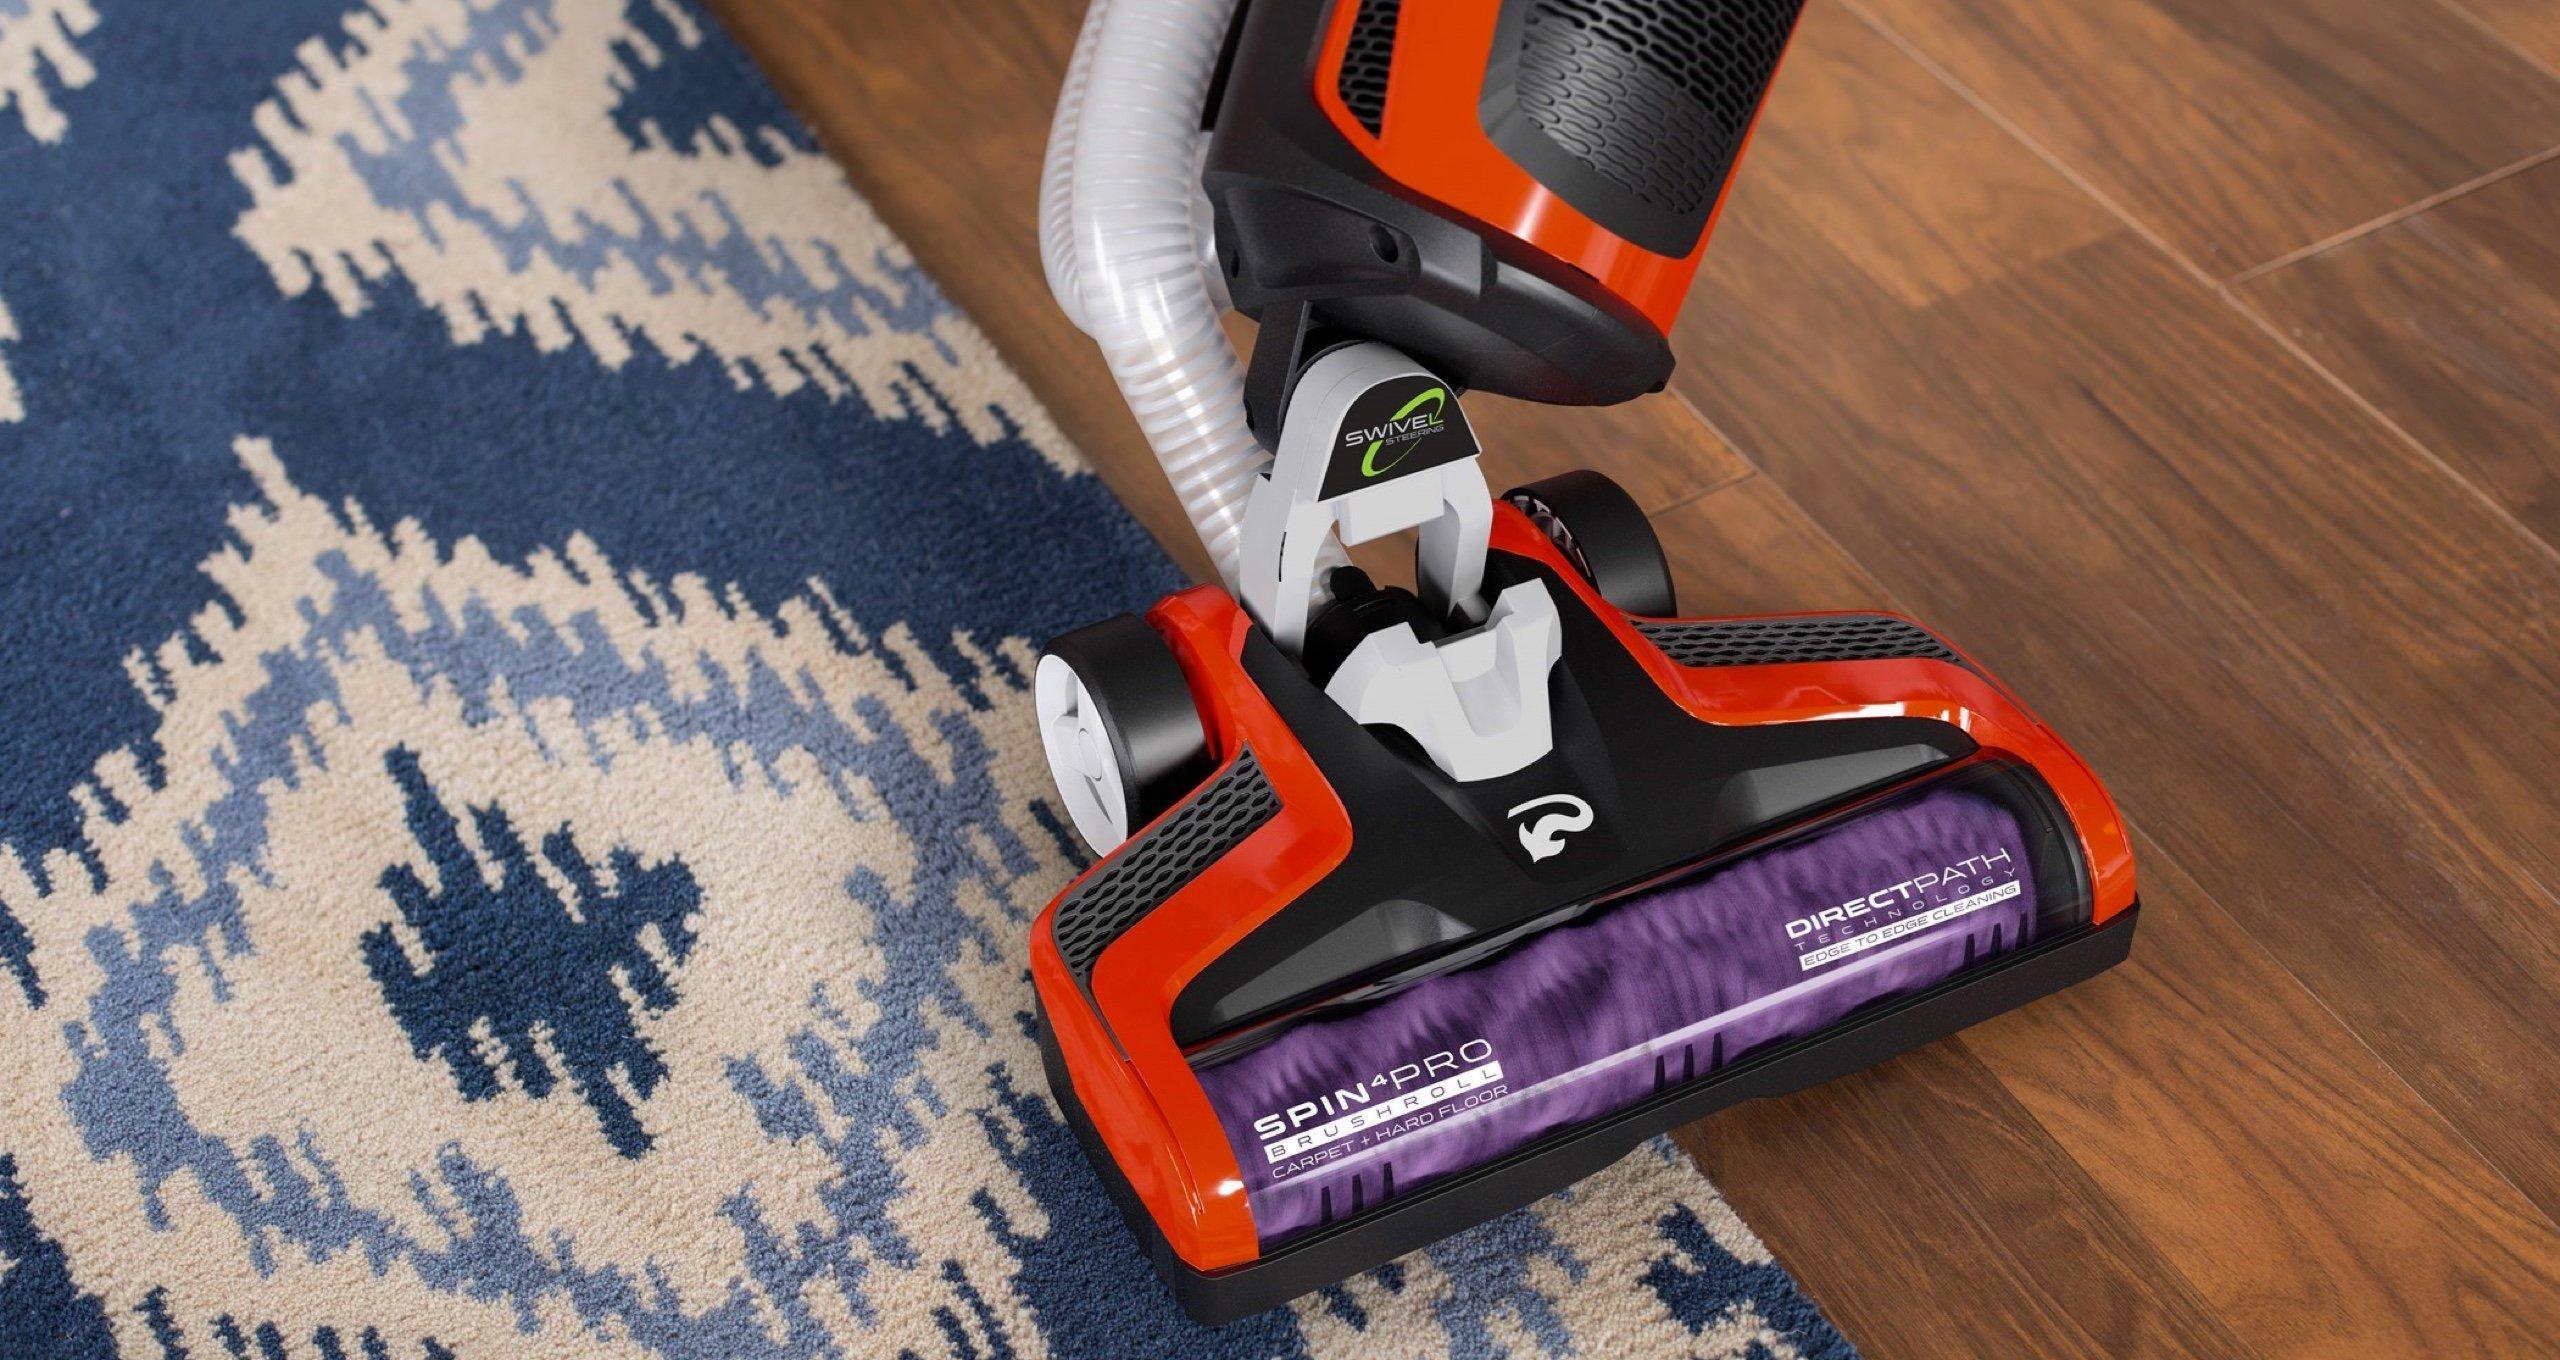 Razor Pet Upright Vacuum